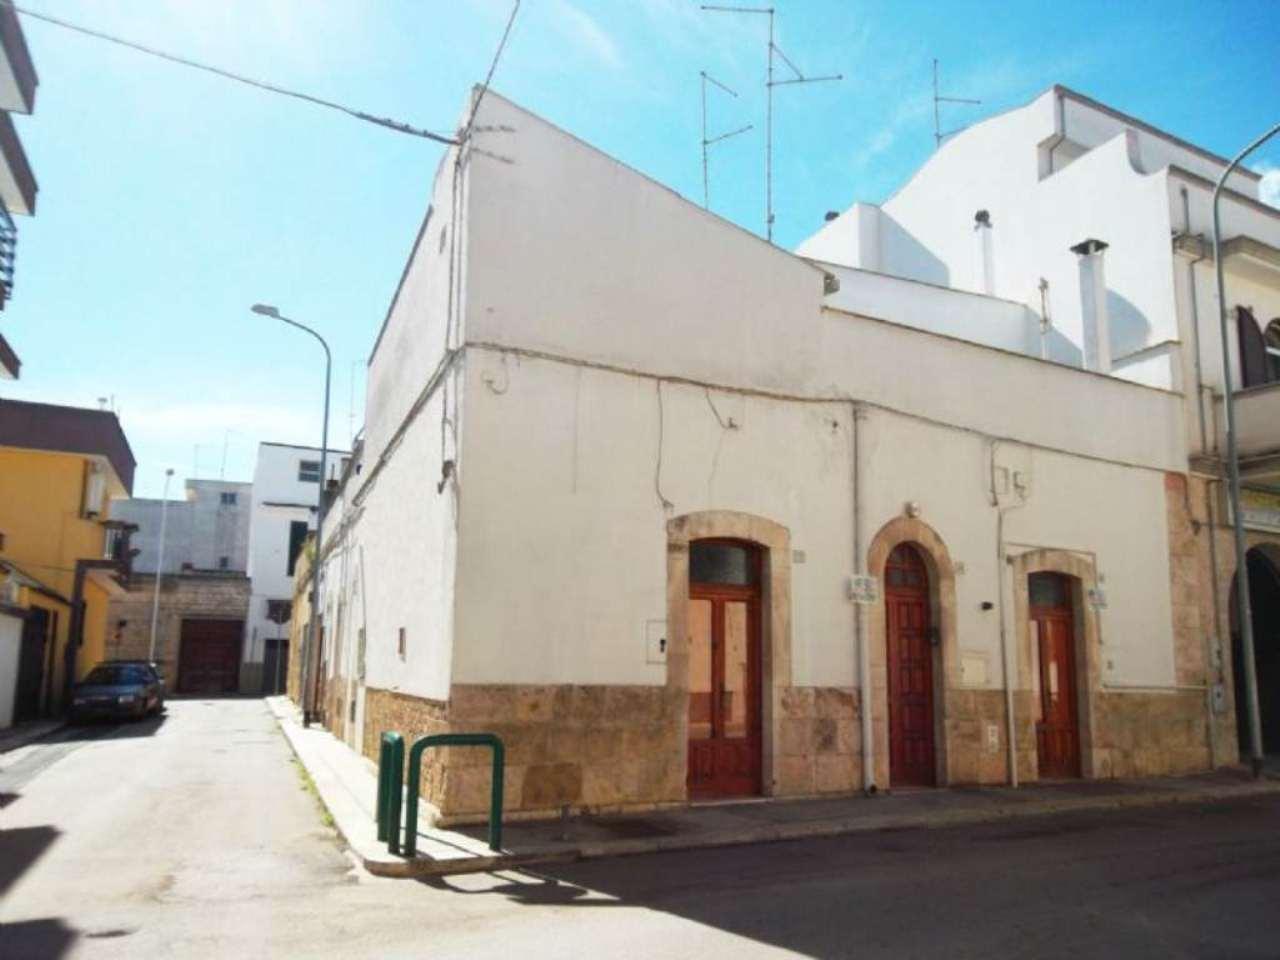 Soluzione Indipendente in vendita a Casamassima, 3 locali, prezzo € 85.000 | Cambio Casa.it